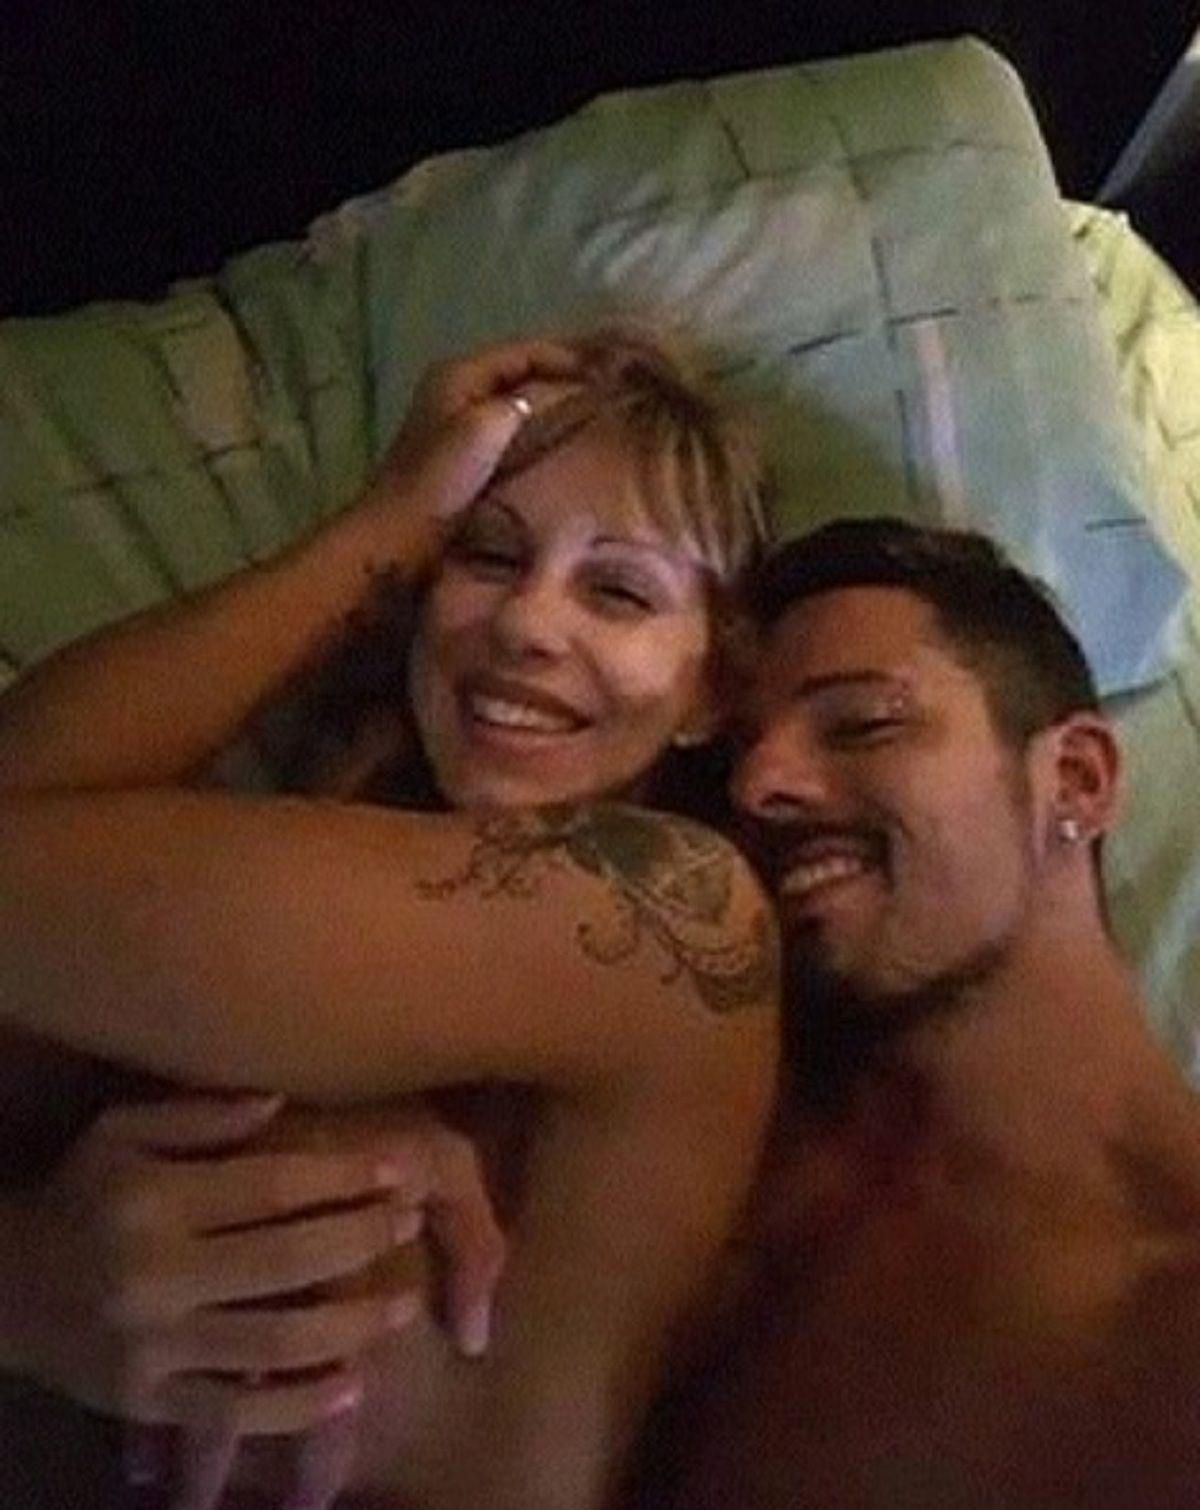 Mónica Farro y su novio - Crédito: Instagrammonica.farro.oficial